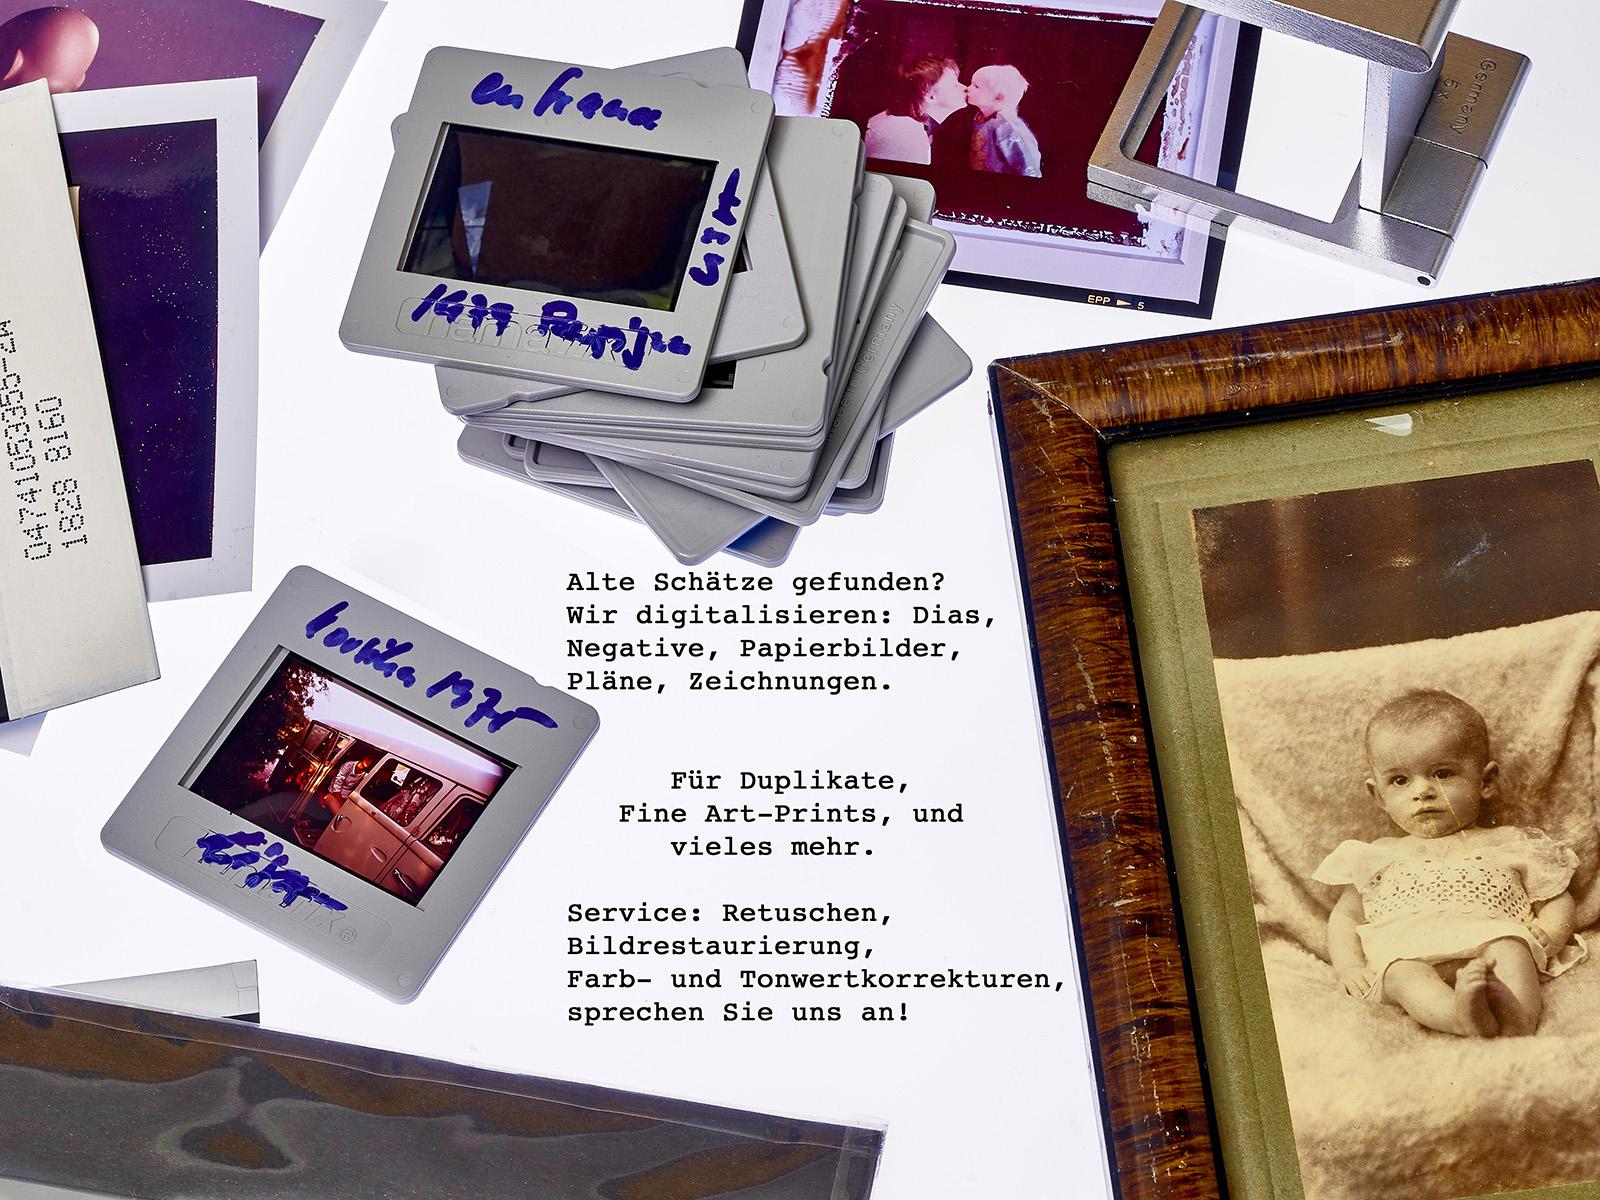 Digitalisierung von Dias, Negativen und Volagen